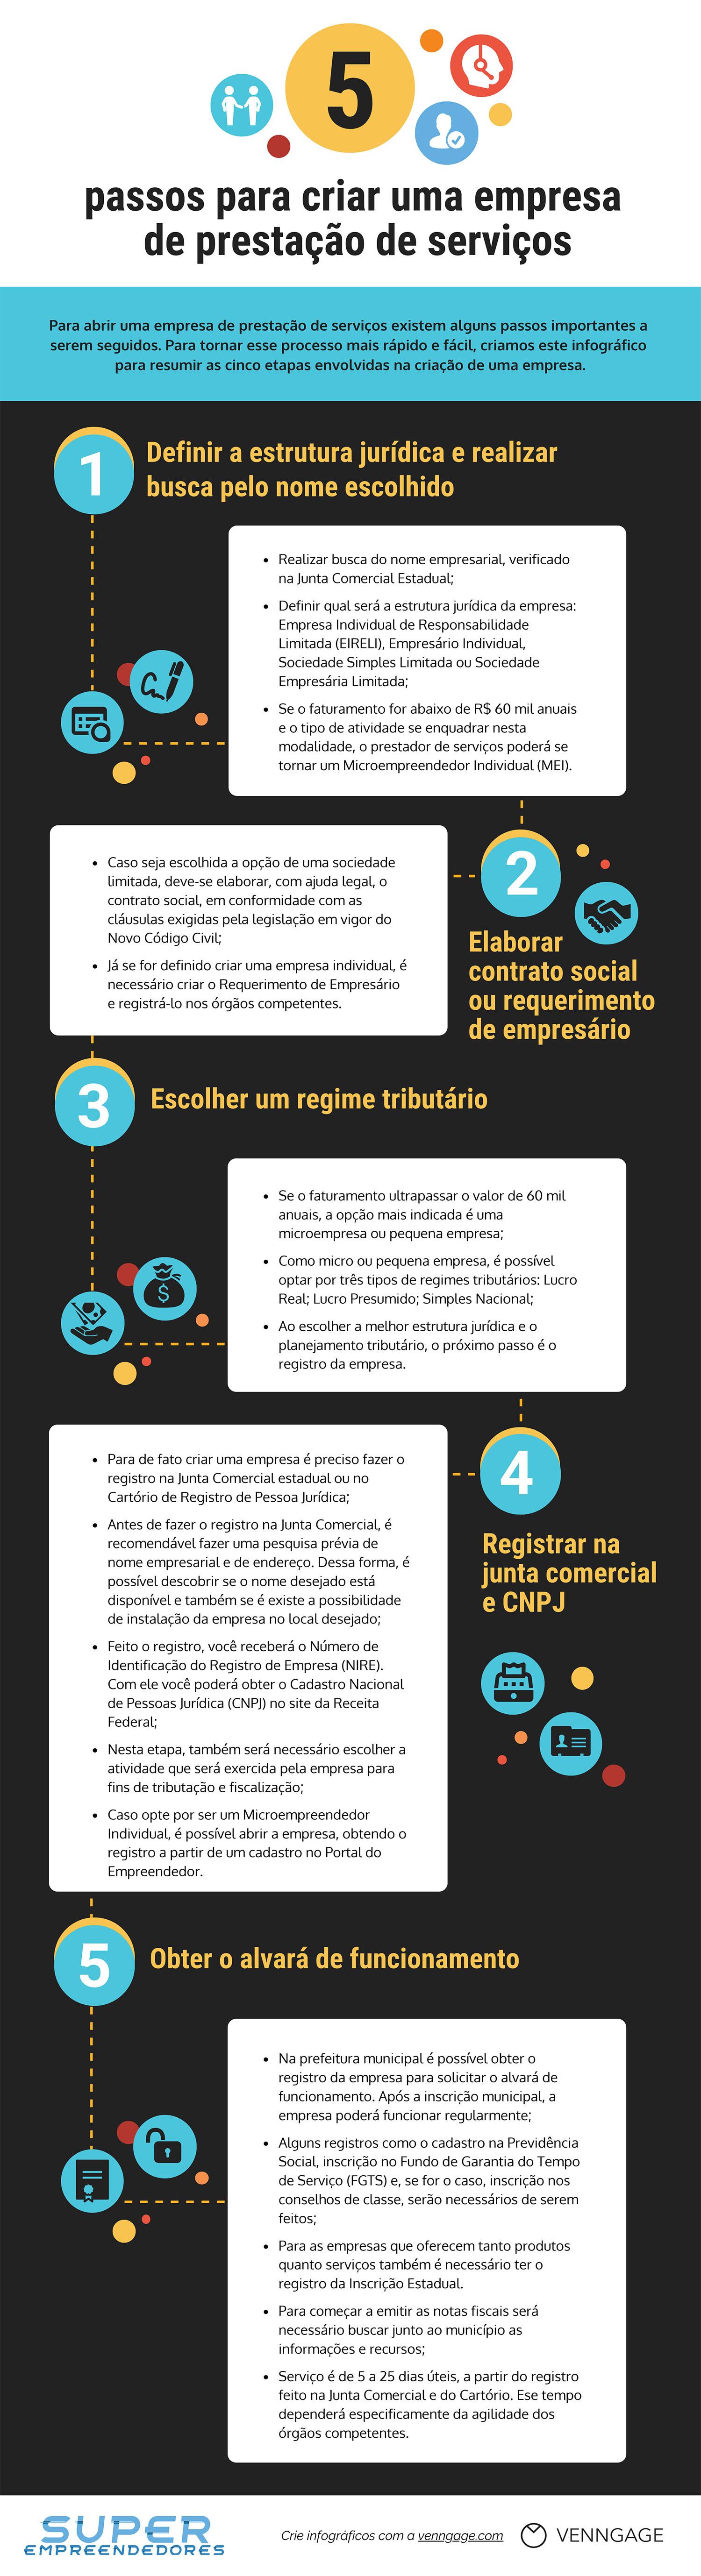 Infografico - Como Abrir Uma Empresa de Prestação de Serviços